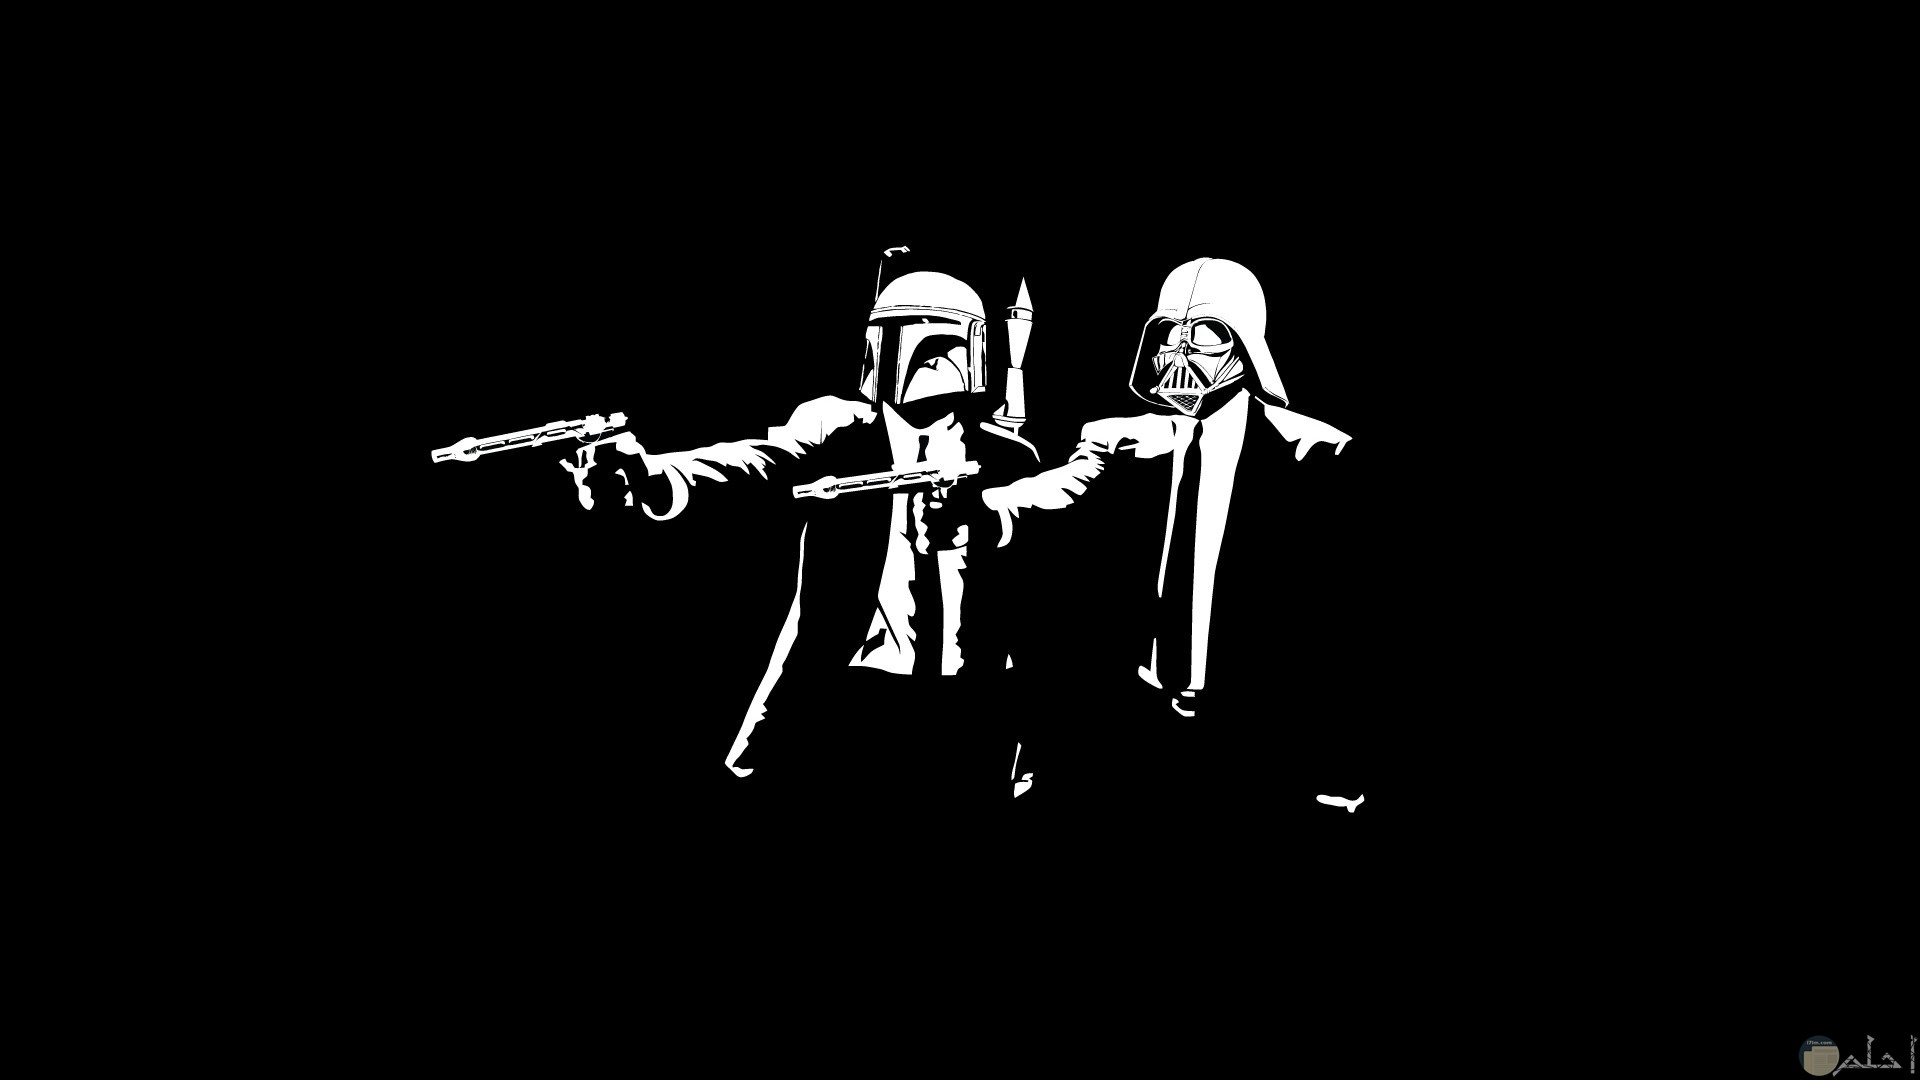 رسمة انمي اسود و ابيض شباب و مسدسات.